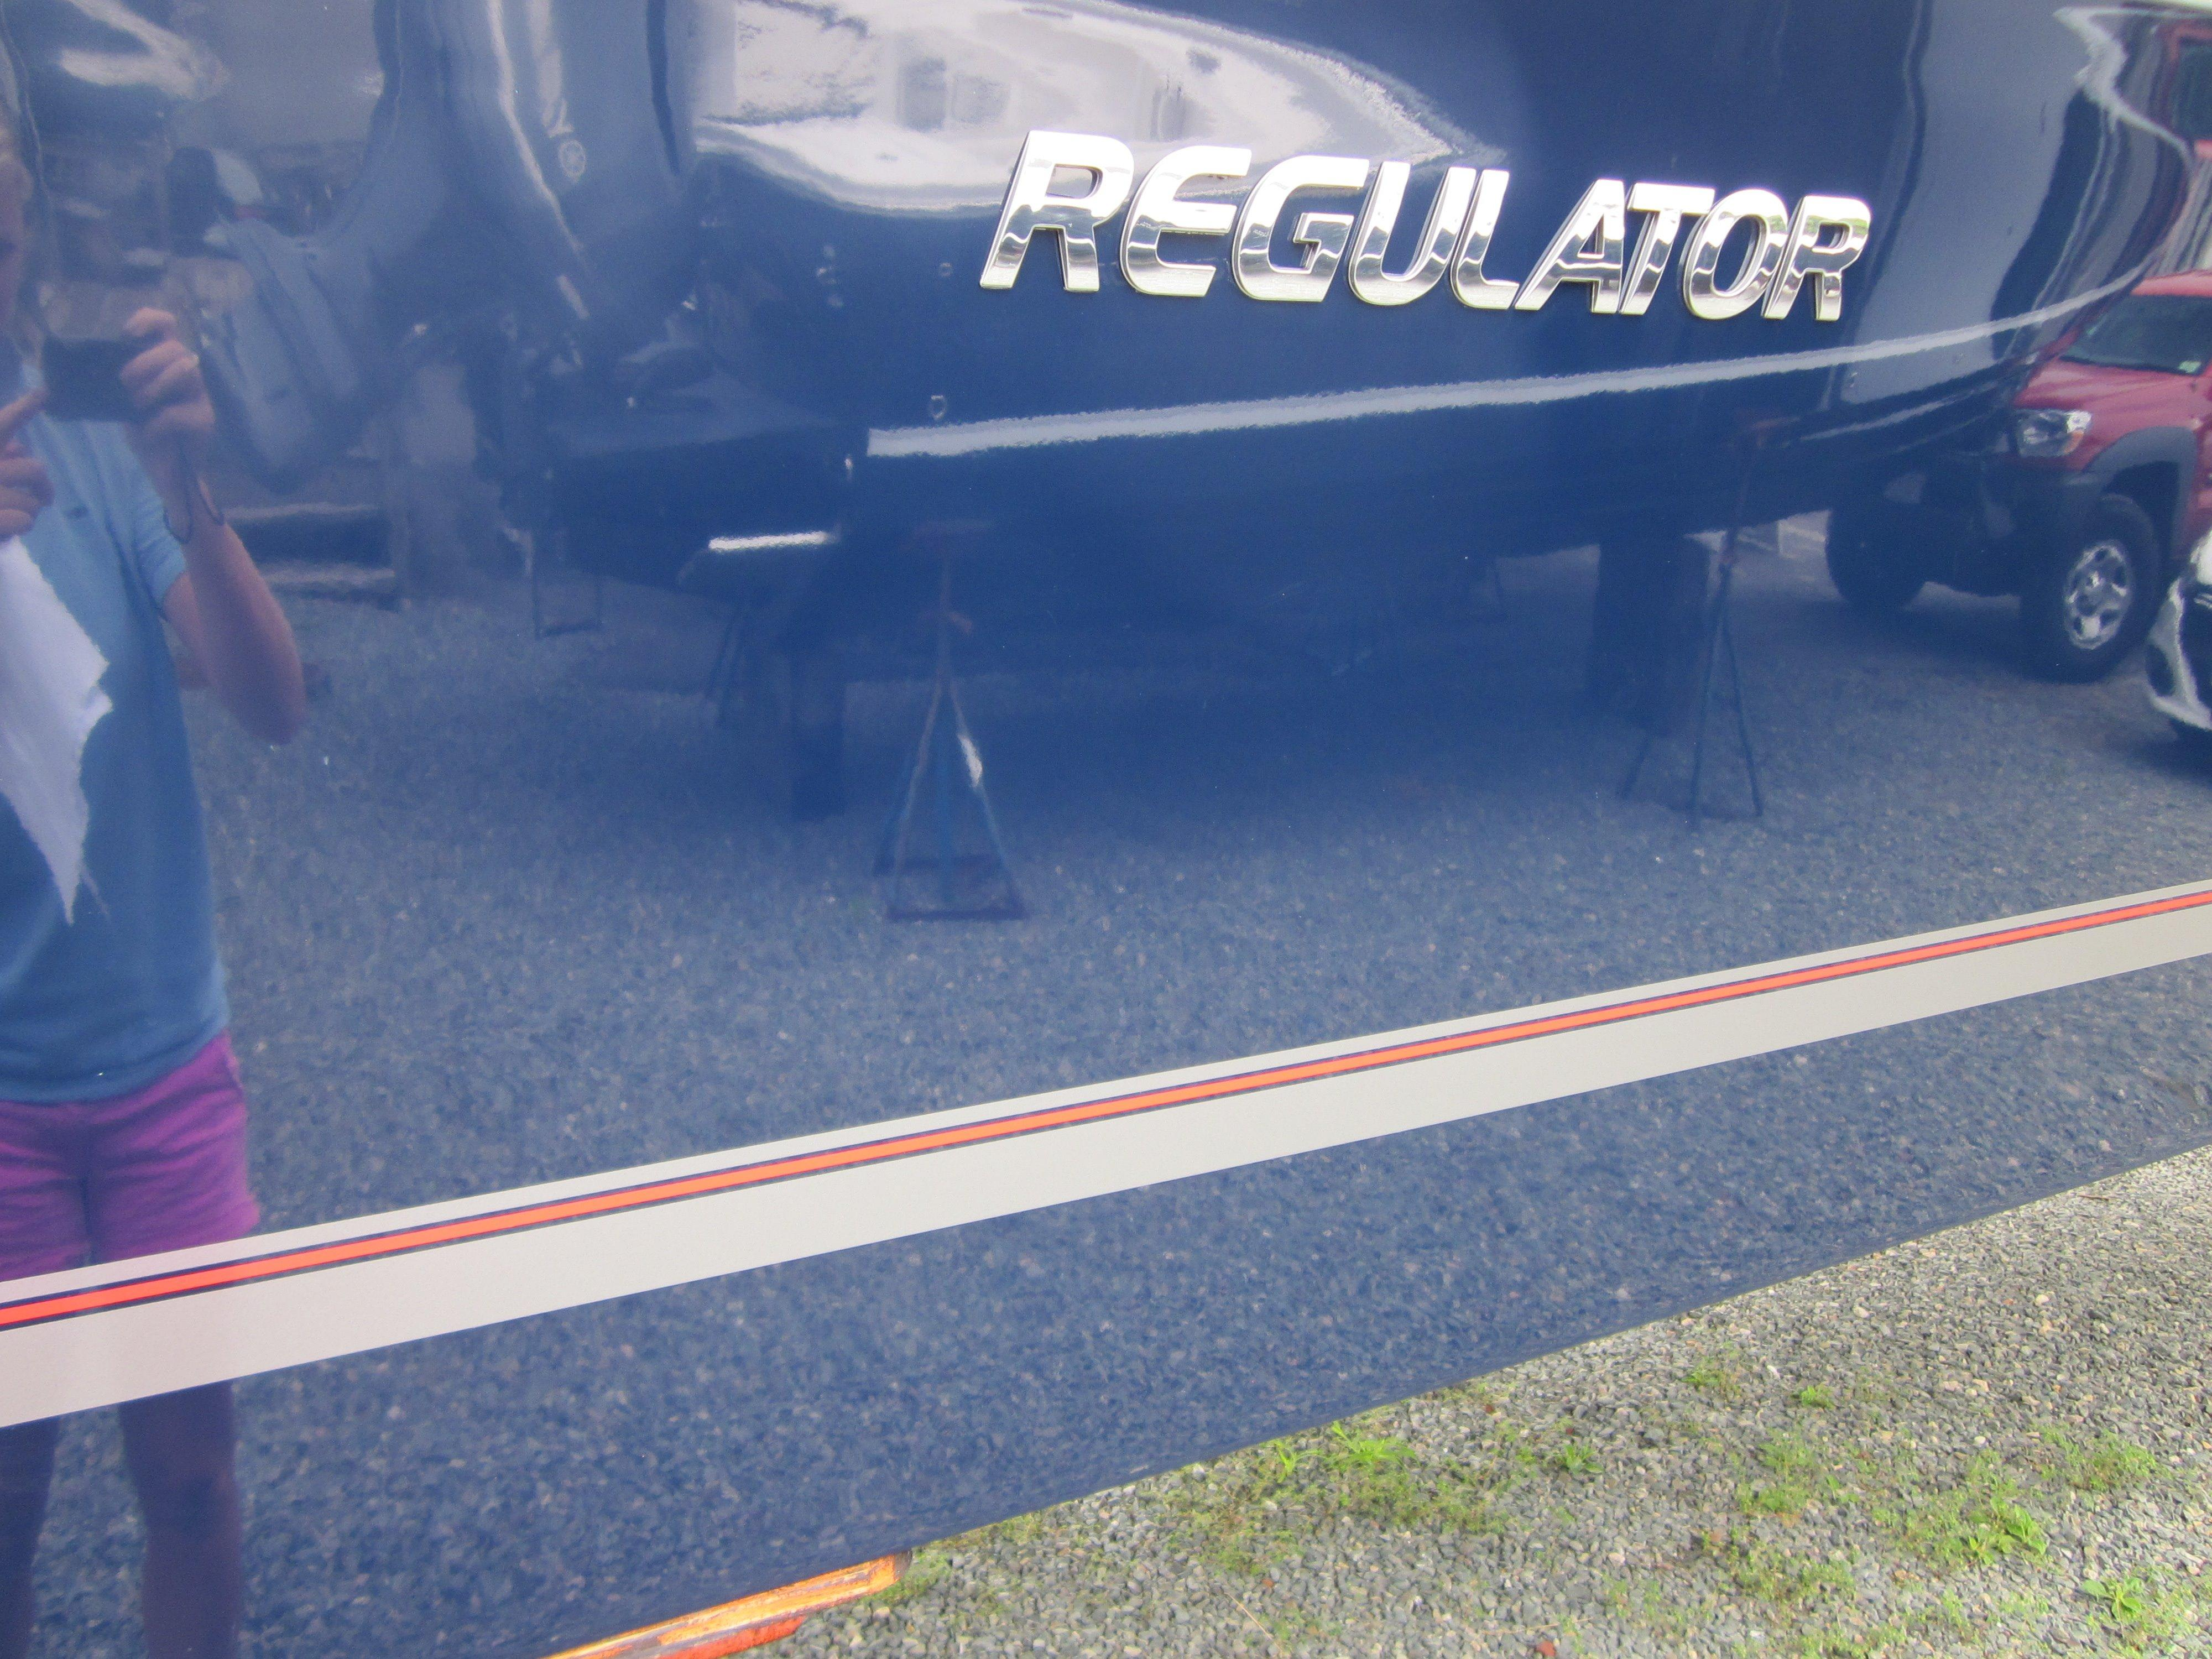 Regulator34